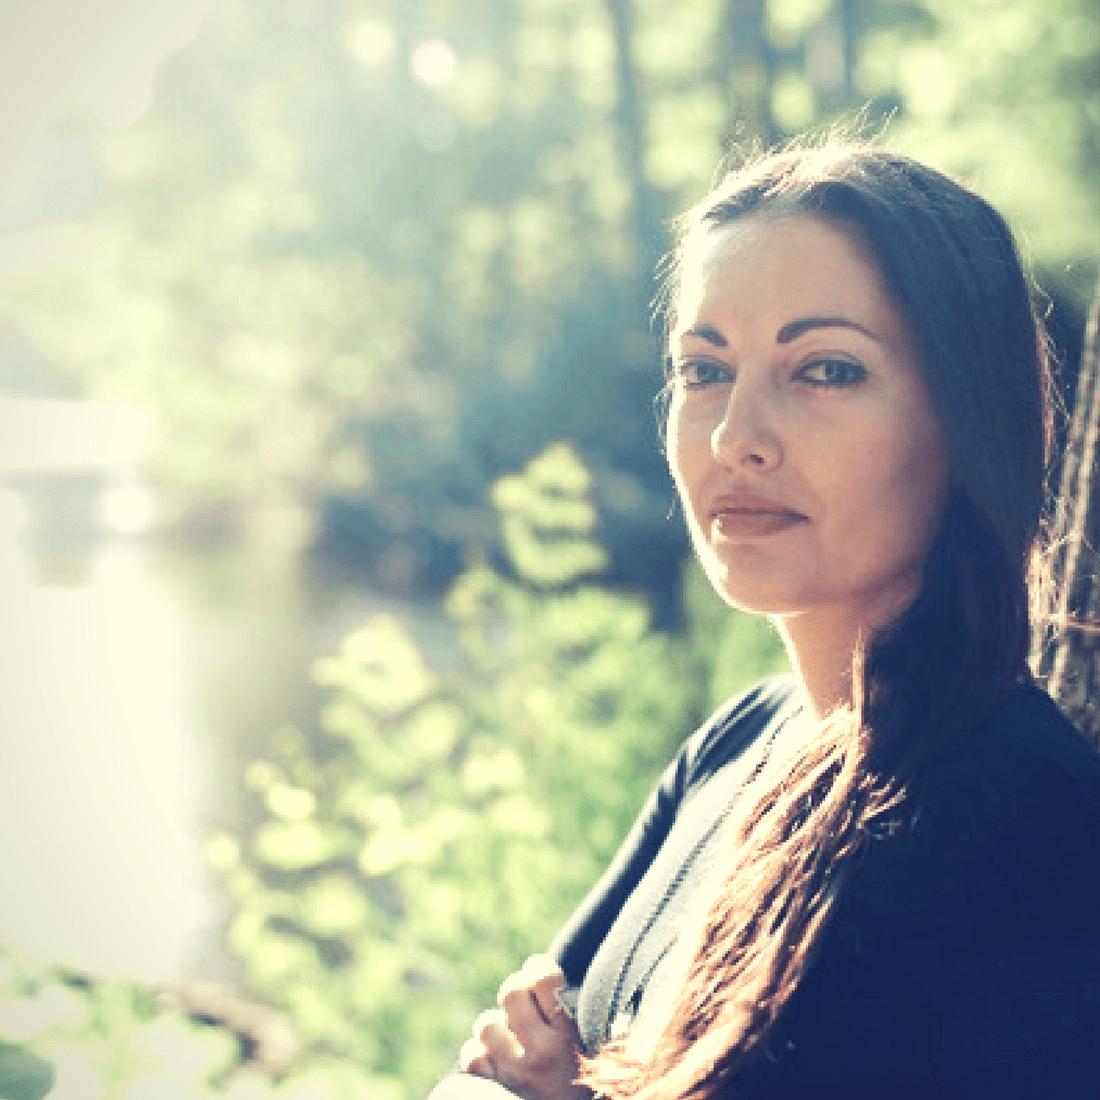 Η ψυχολόγος και συγγραφέας Δήμητρα Διδαγγέλου μίλησε στο ELLE και μας κάλεσε να εστιάσουμε στο καλό